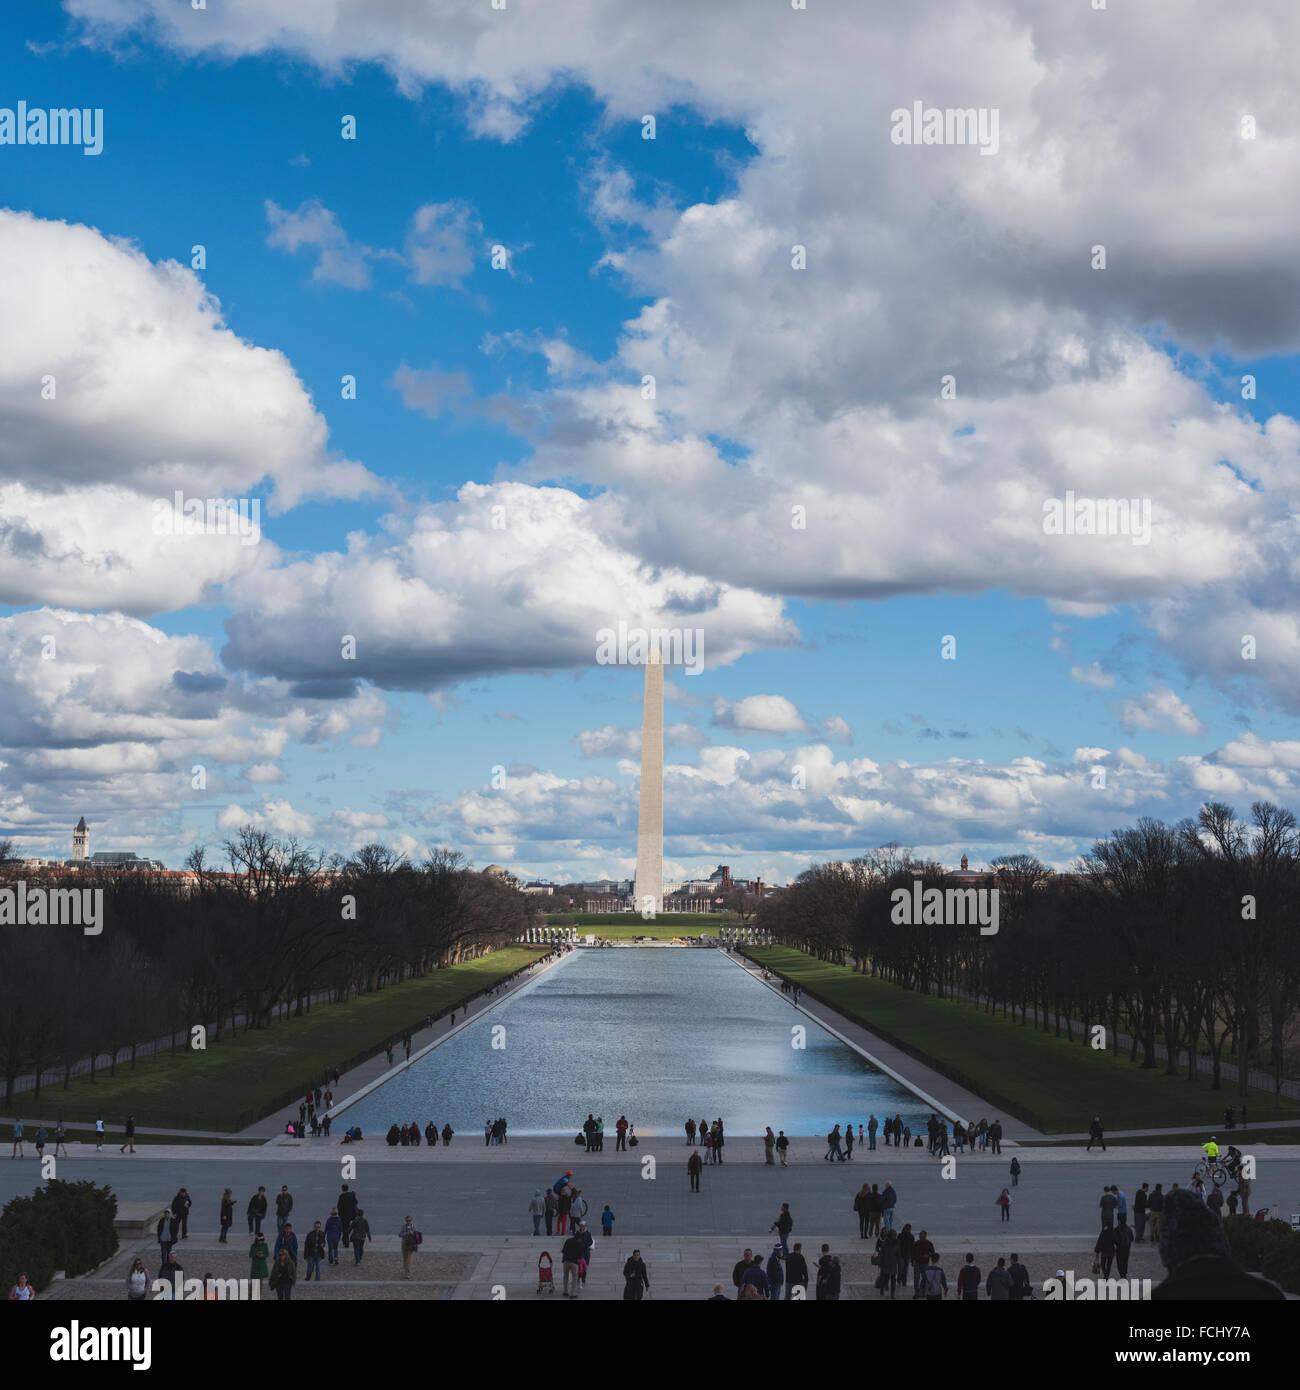 Washington Monument and Reflecting Pool - Stock Image